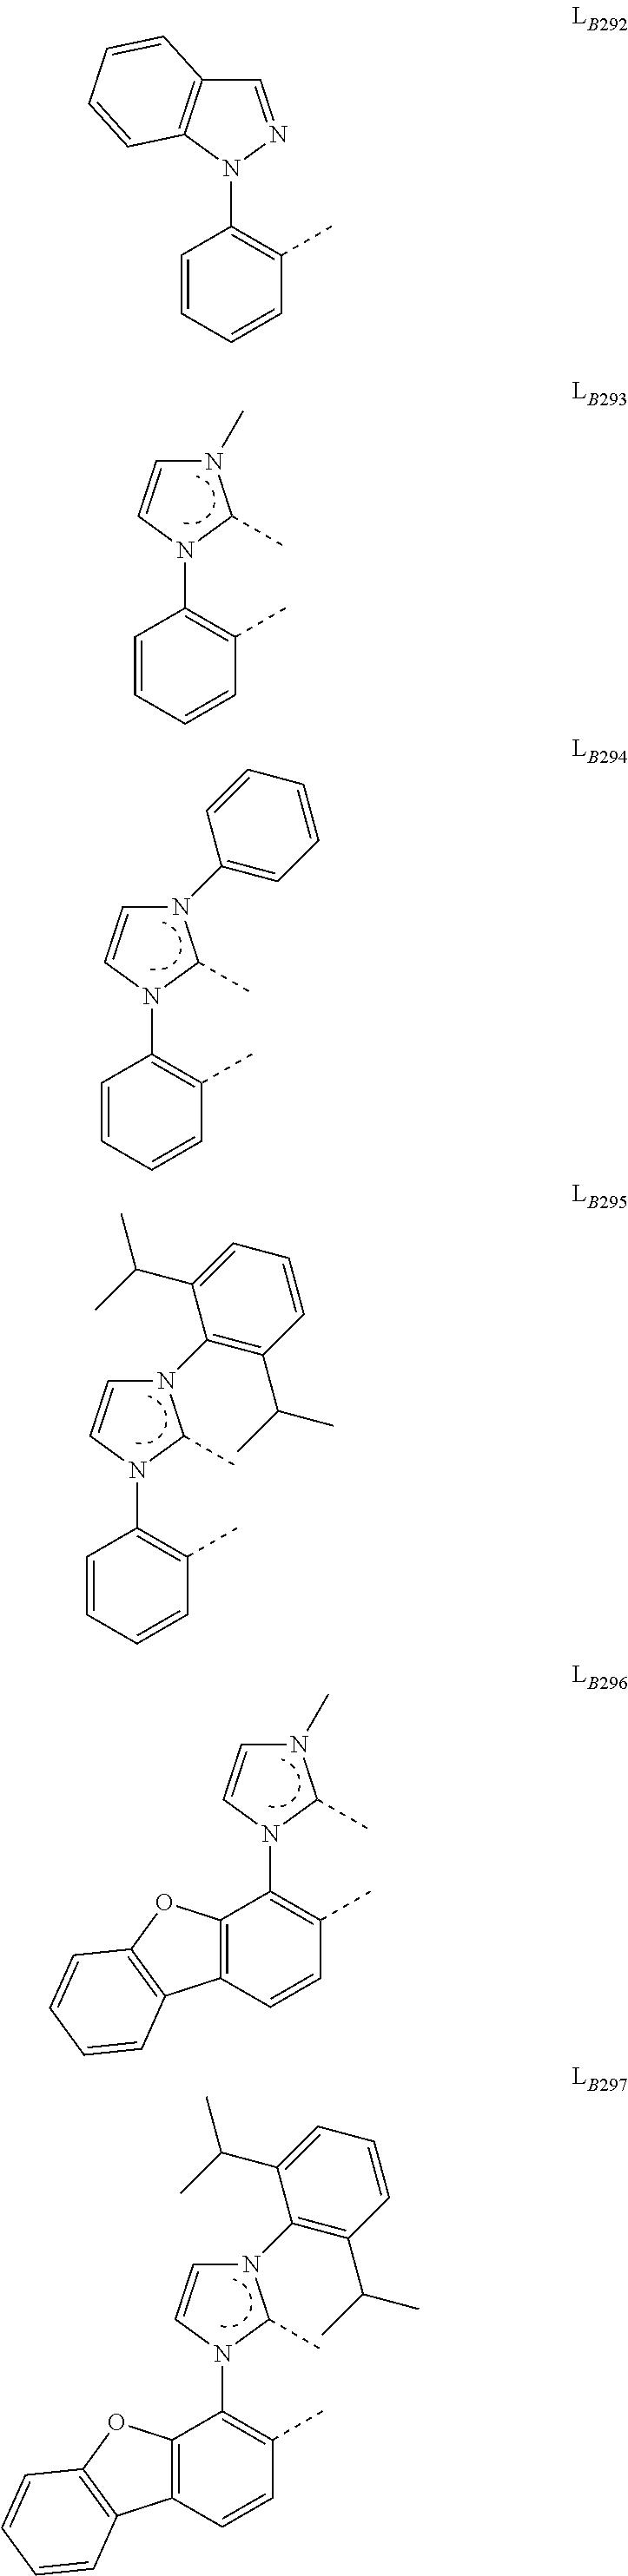 Figure US20180130962A1-20180510-C00125